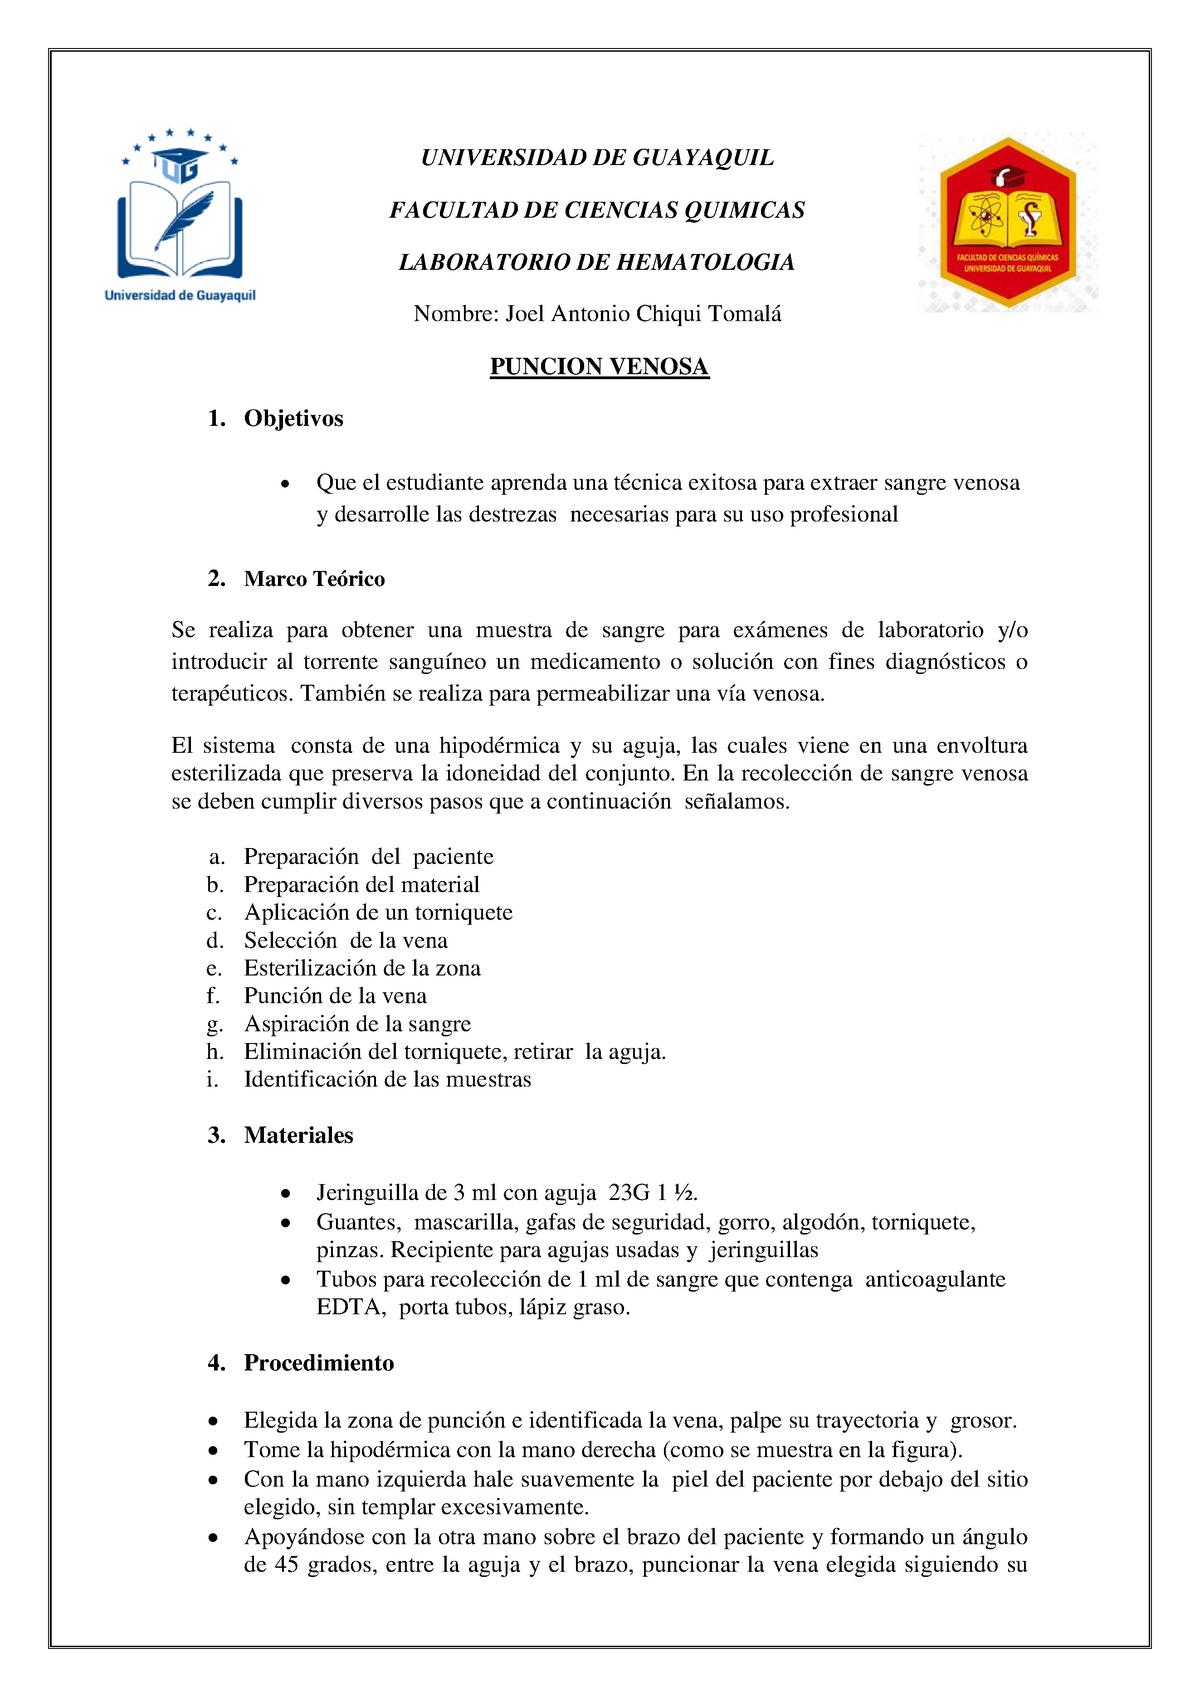 KORDOFAN FORBICE PELI NASO Sconto 30% | Pharmasi